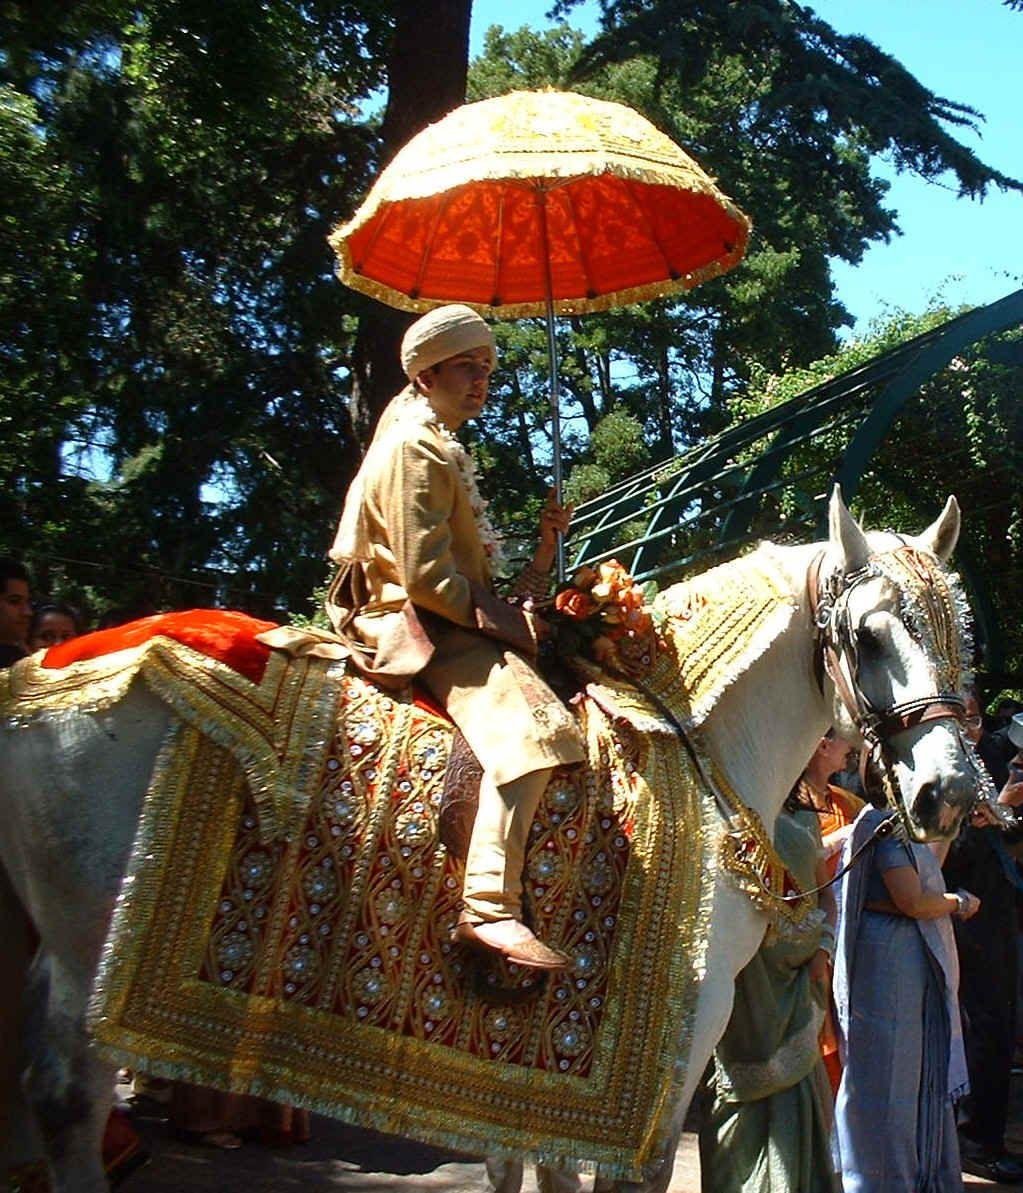 Indian Wedding Costume